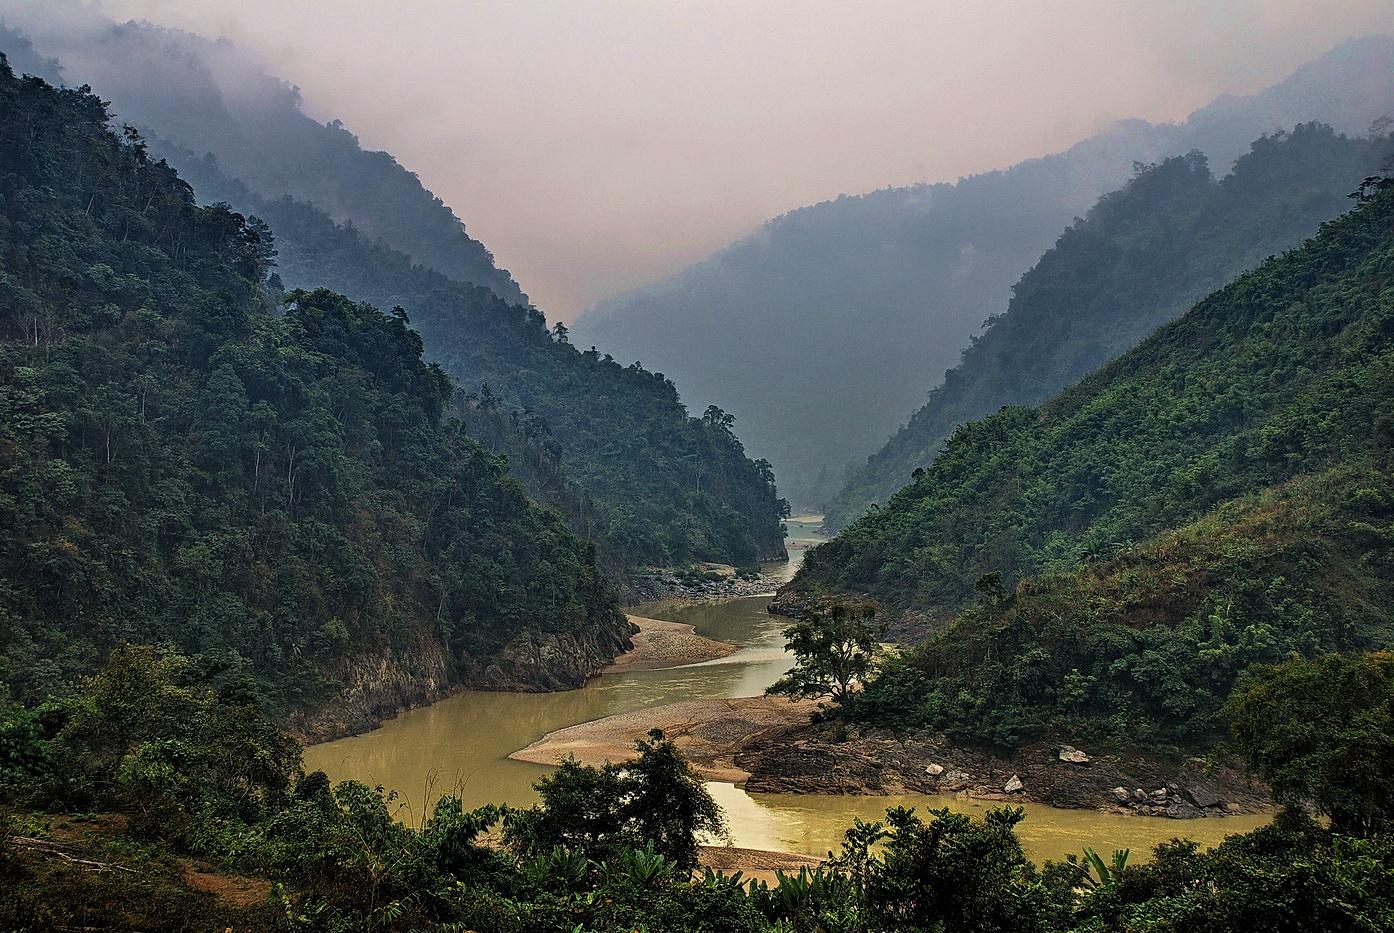 Dien Chau Vietnam  city images : Bon plan pour le Nord Ouest Vietnam : Mai Chau, Dien Bien Phu, Son La ...